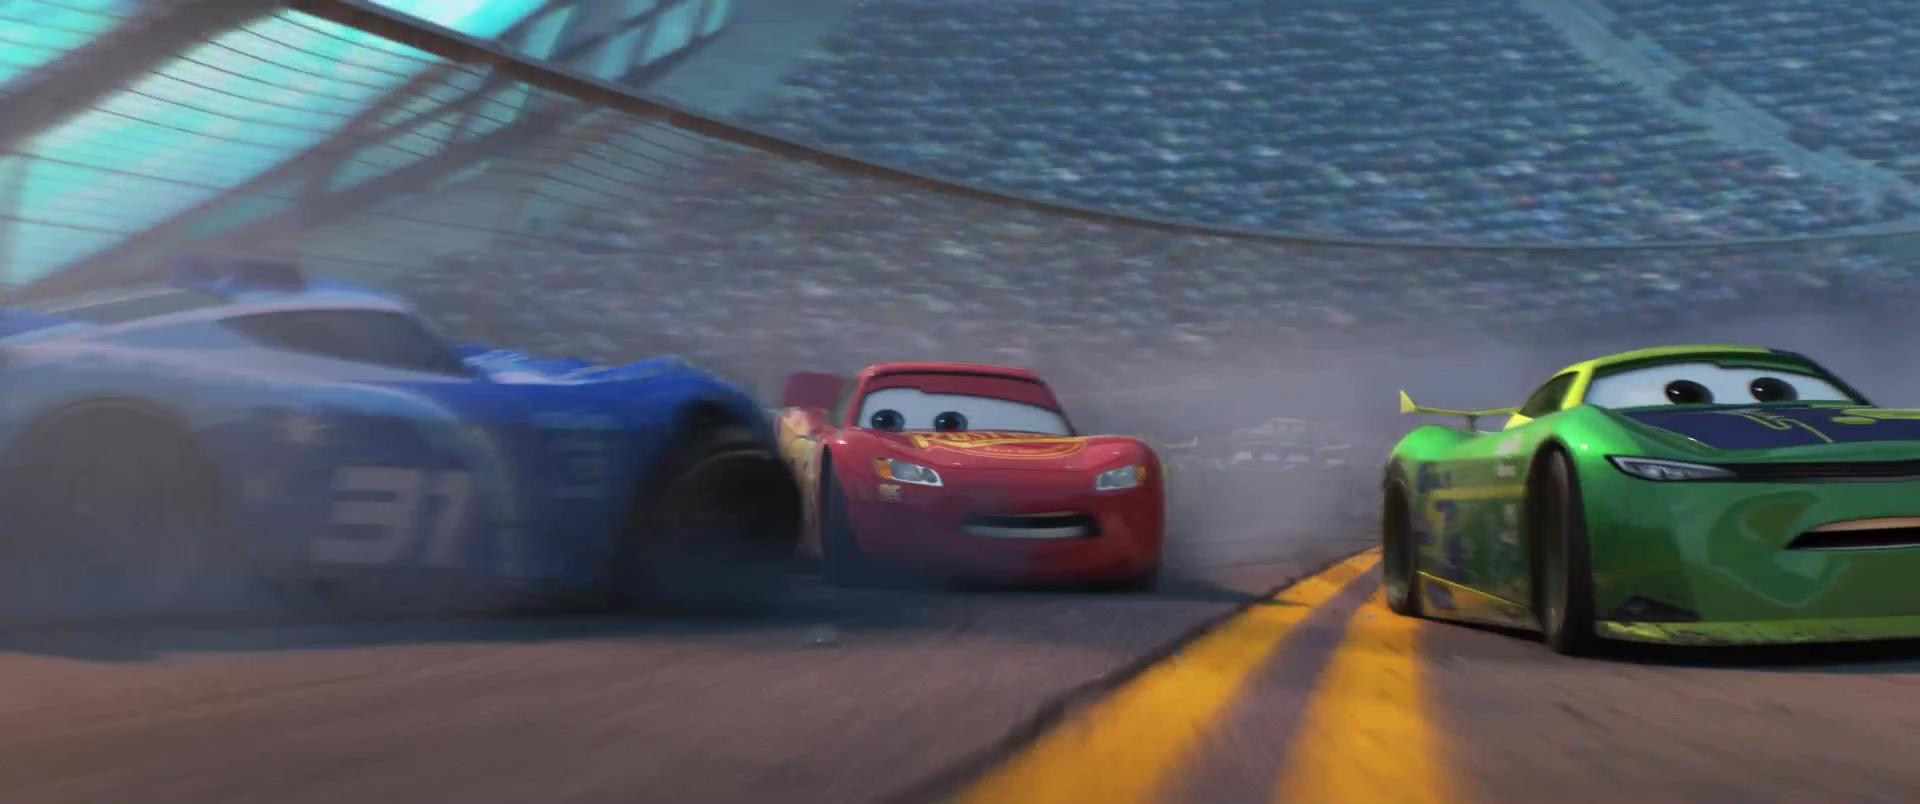 h j hollis personnage dans cars 3 pixar planet fr. Black Bedroom Furniture Sets. Home Design Ideas